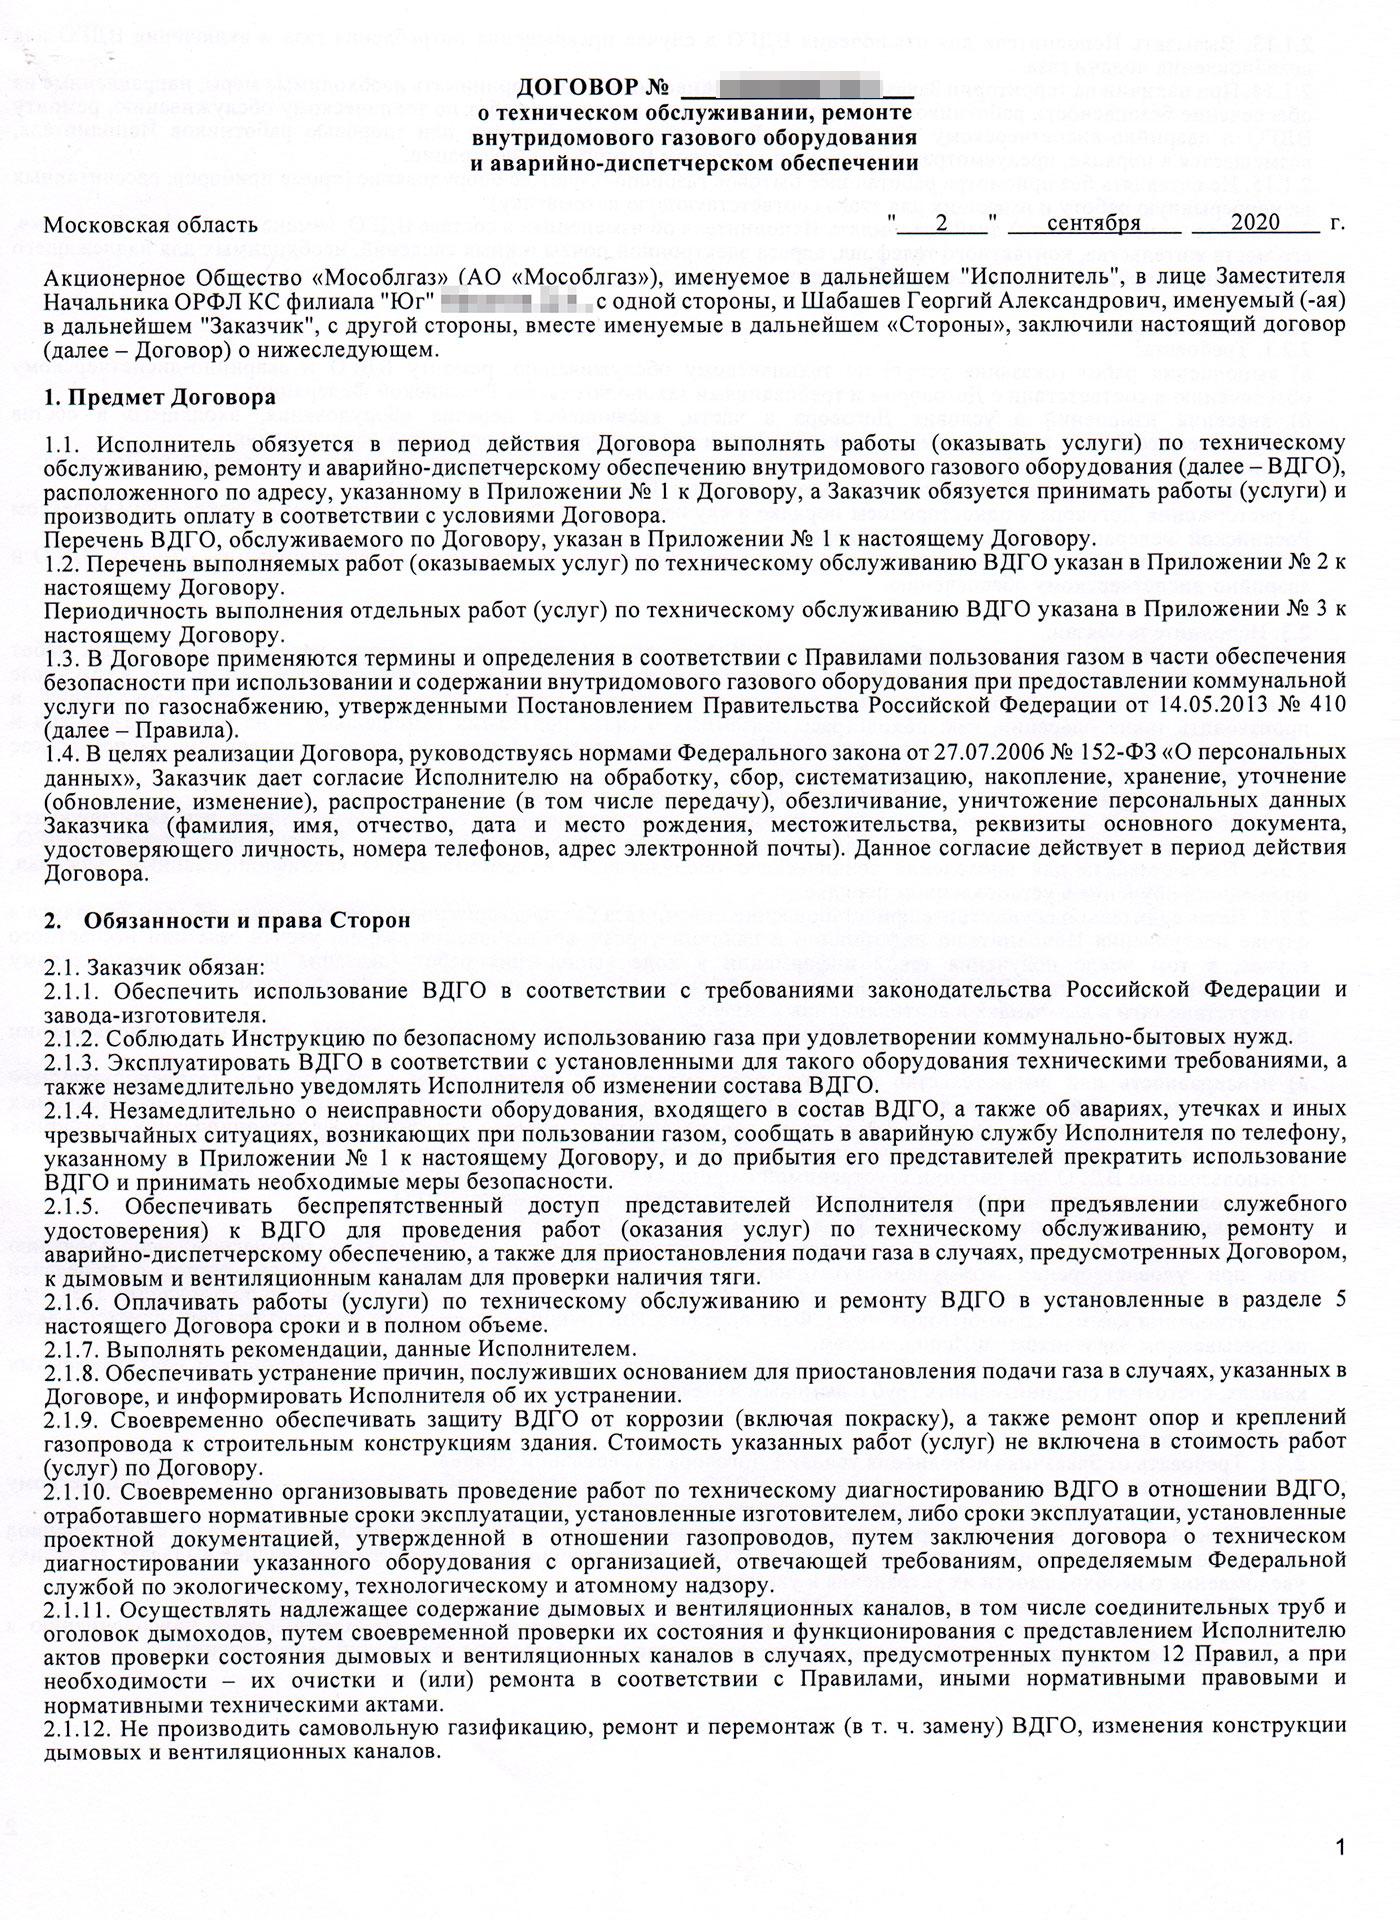 Договор с Мособлгазом на техническое обслуживание